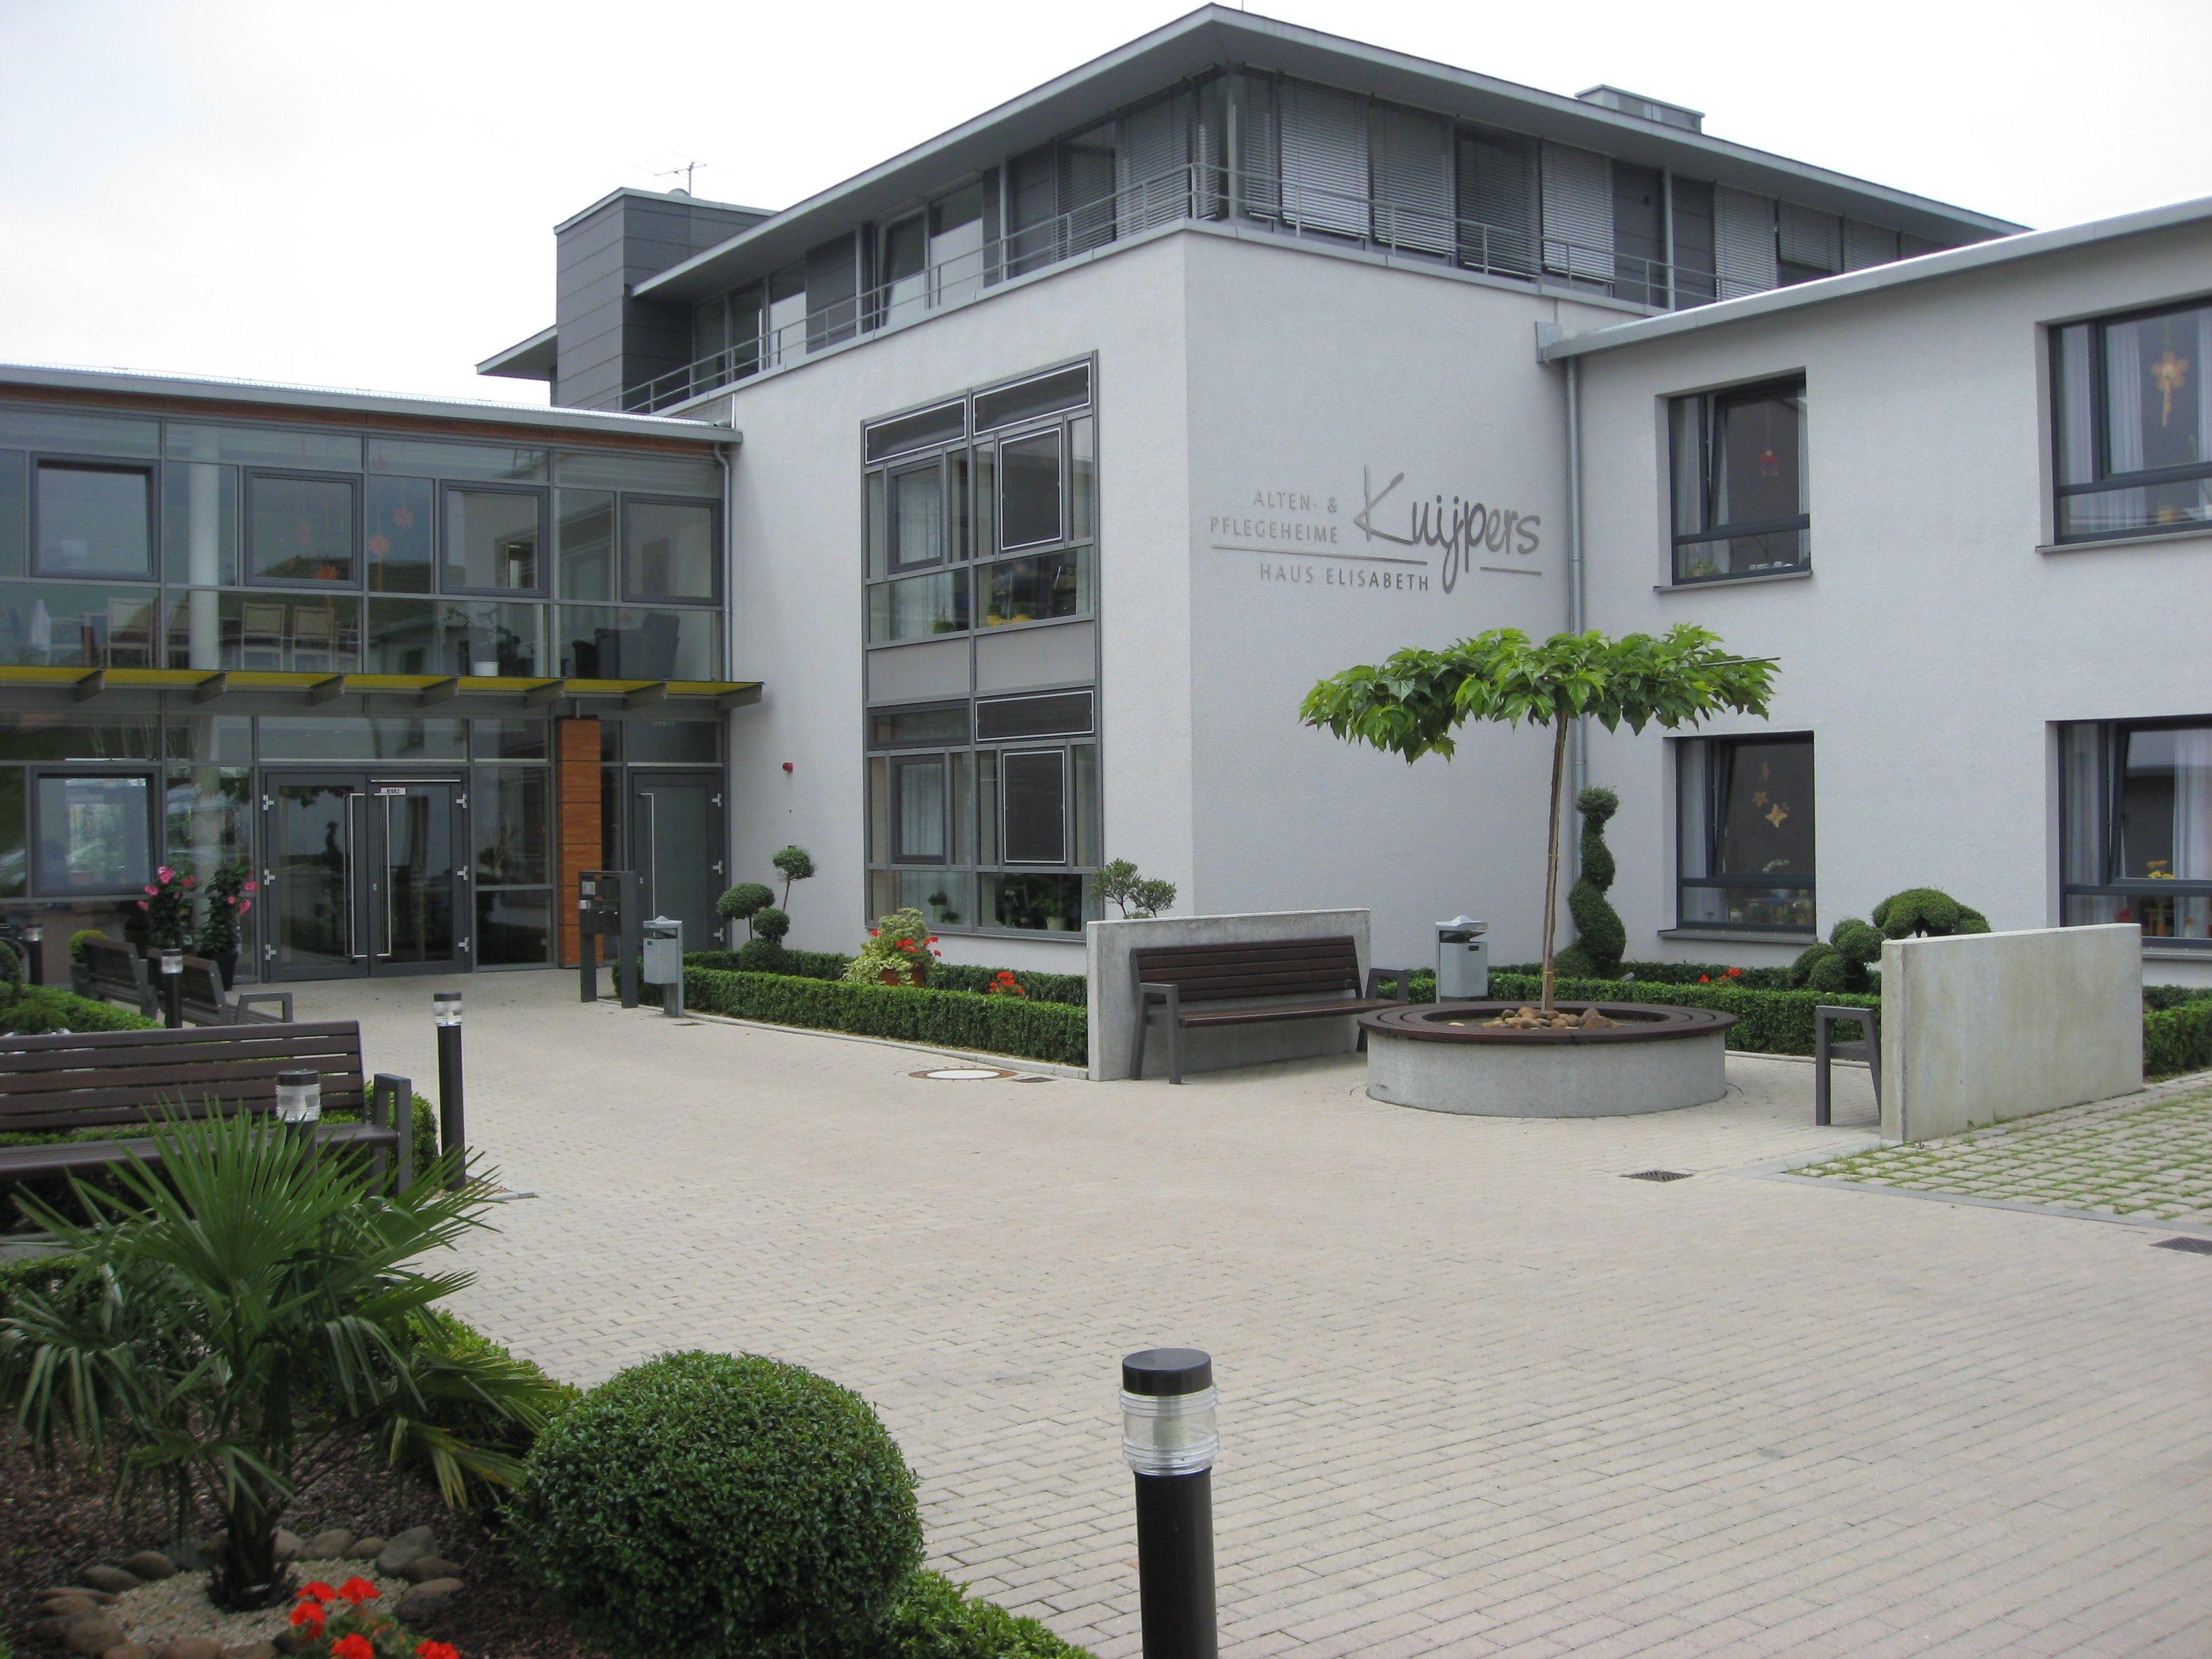 Alten & Pflegeheim Elisabeth